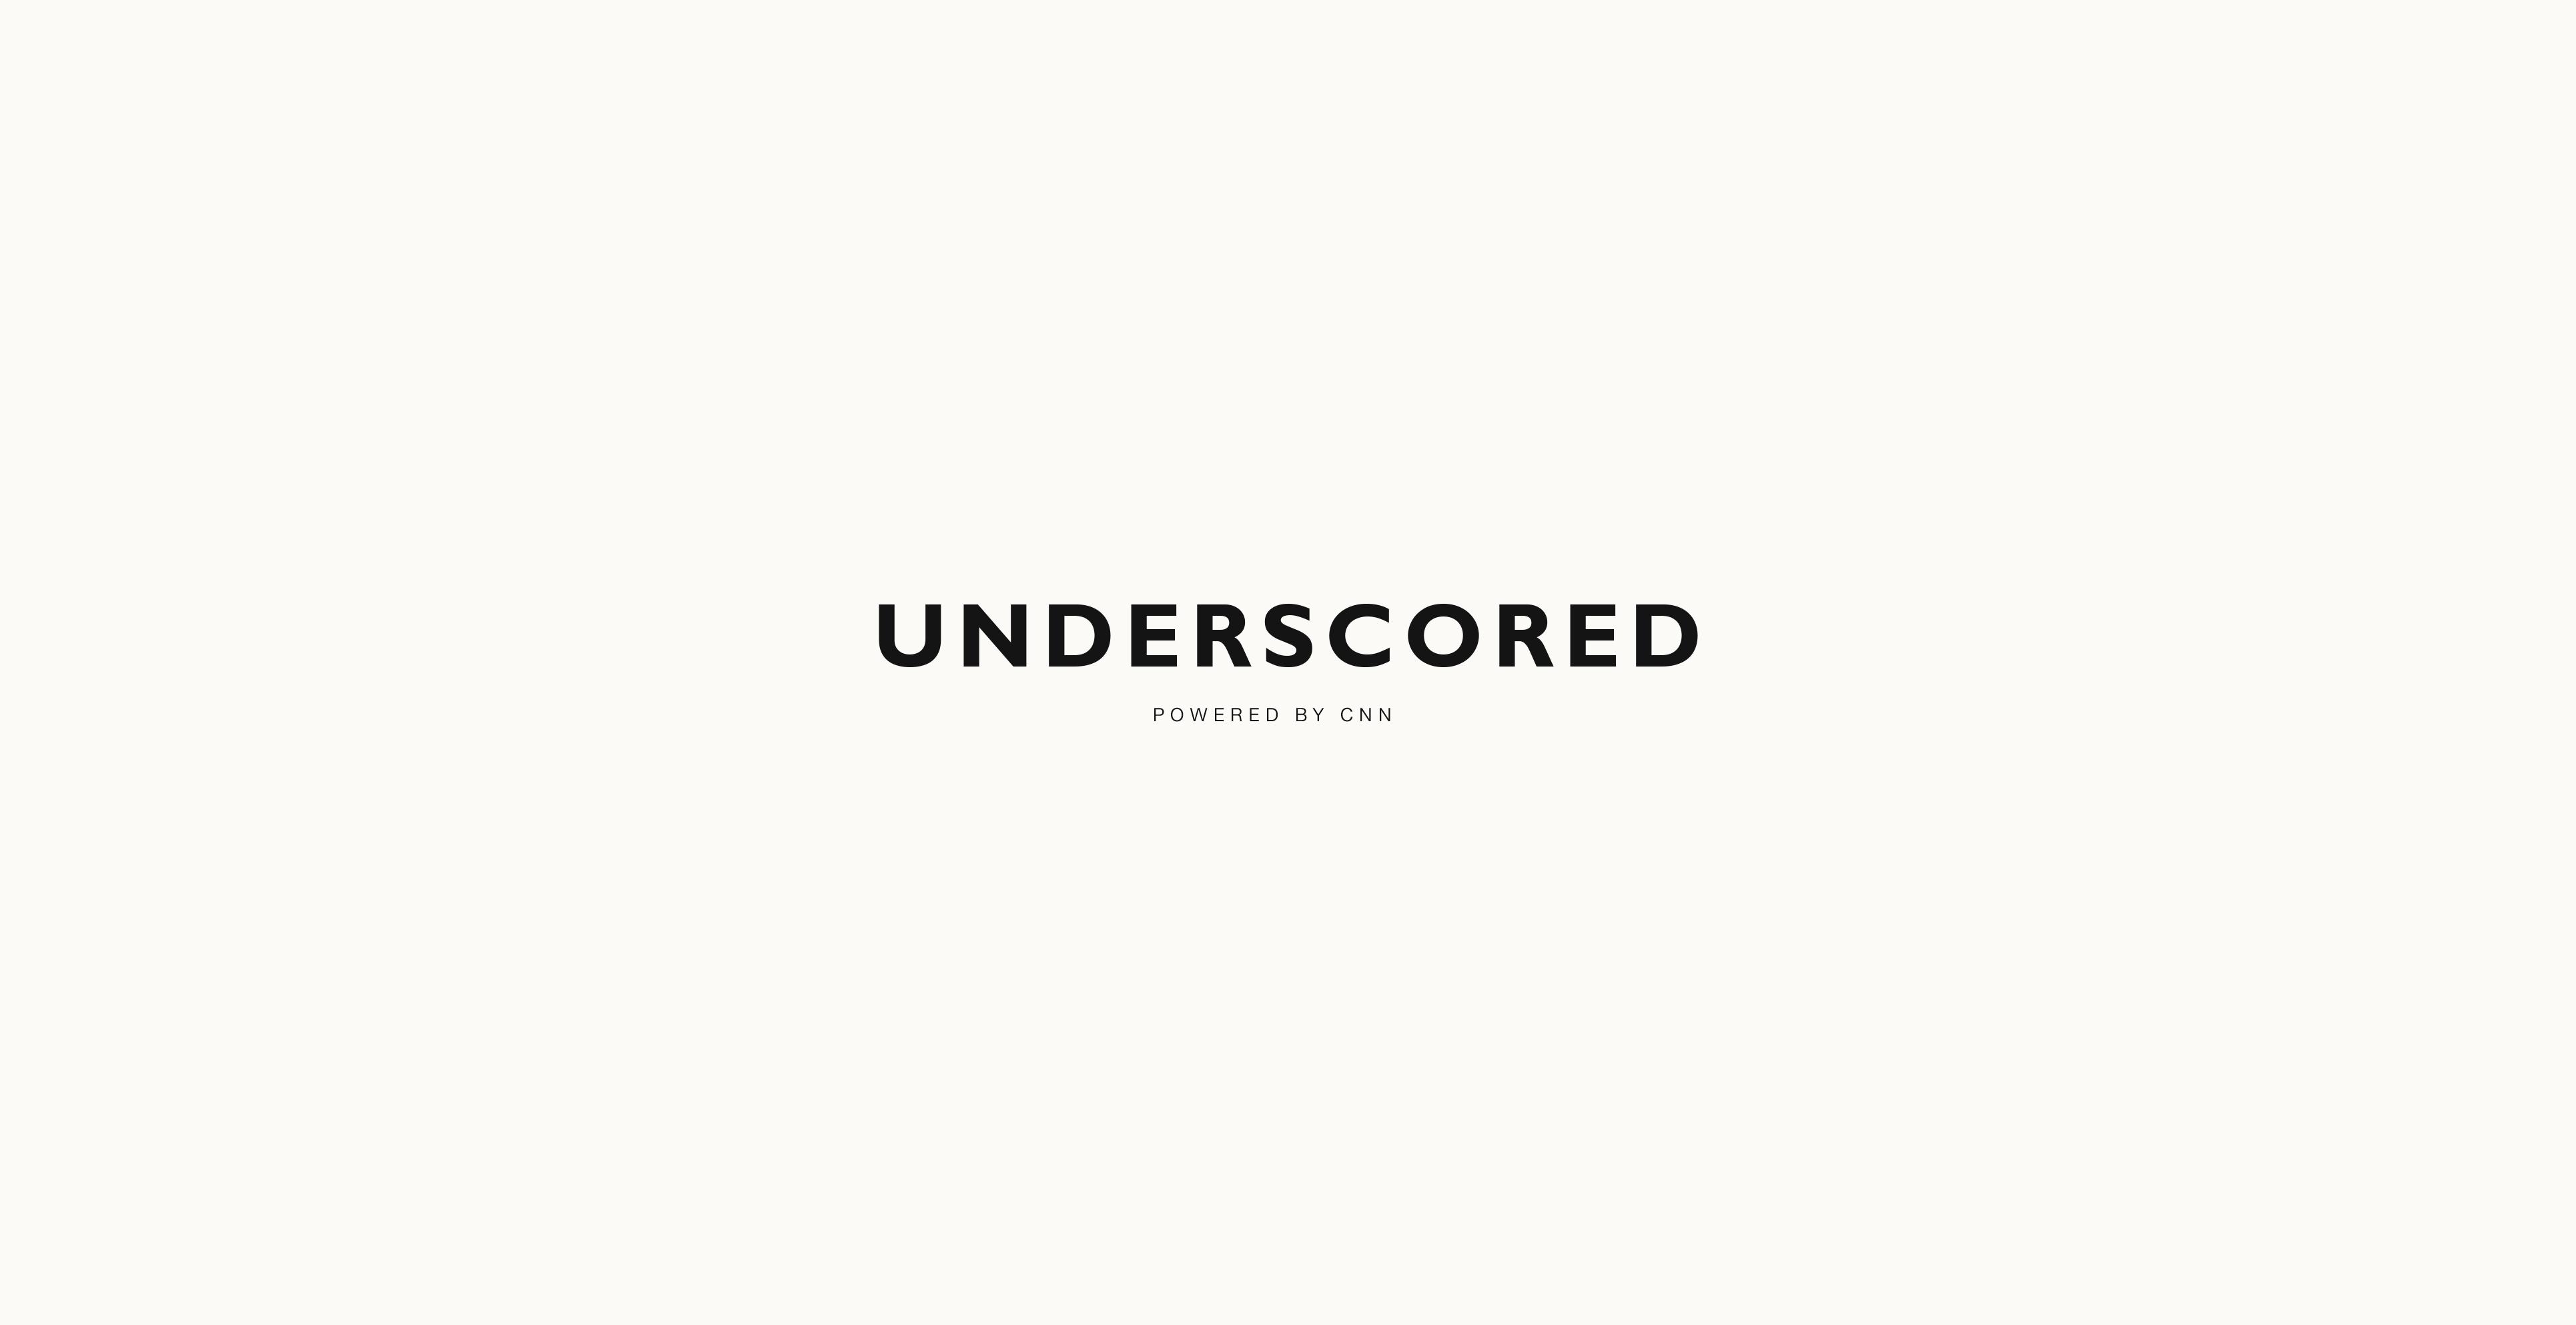 underscored_logo_header_3